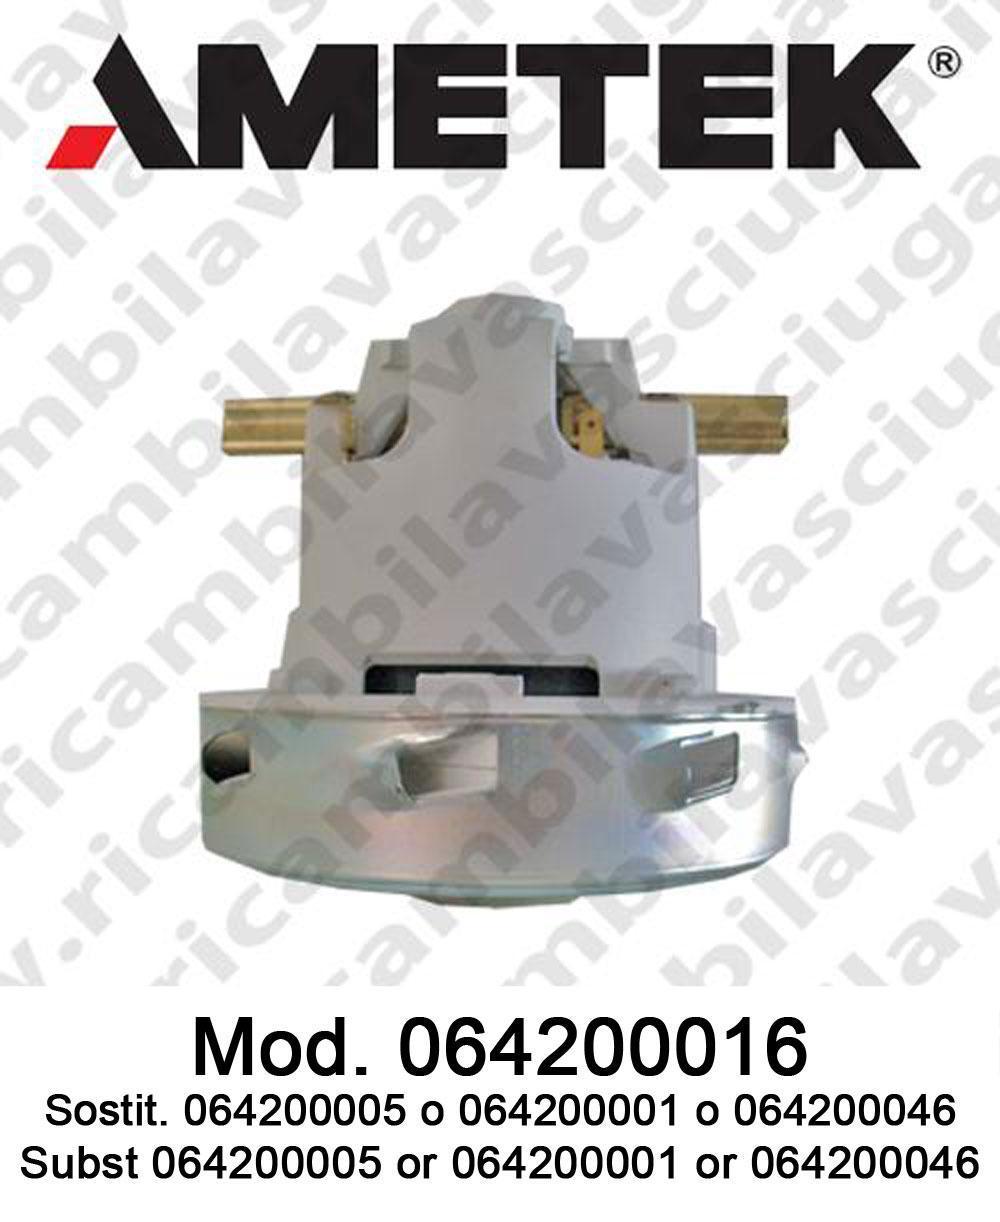 MOTEUR ASPIRATION 064200016 AMETEK ITALIA pour autolaveuses et aspirateur. Remplace 064200005 o 064200046 o 064200001